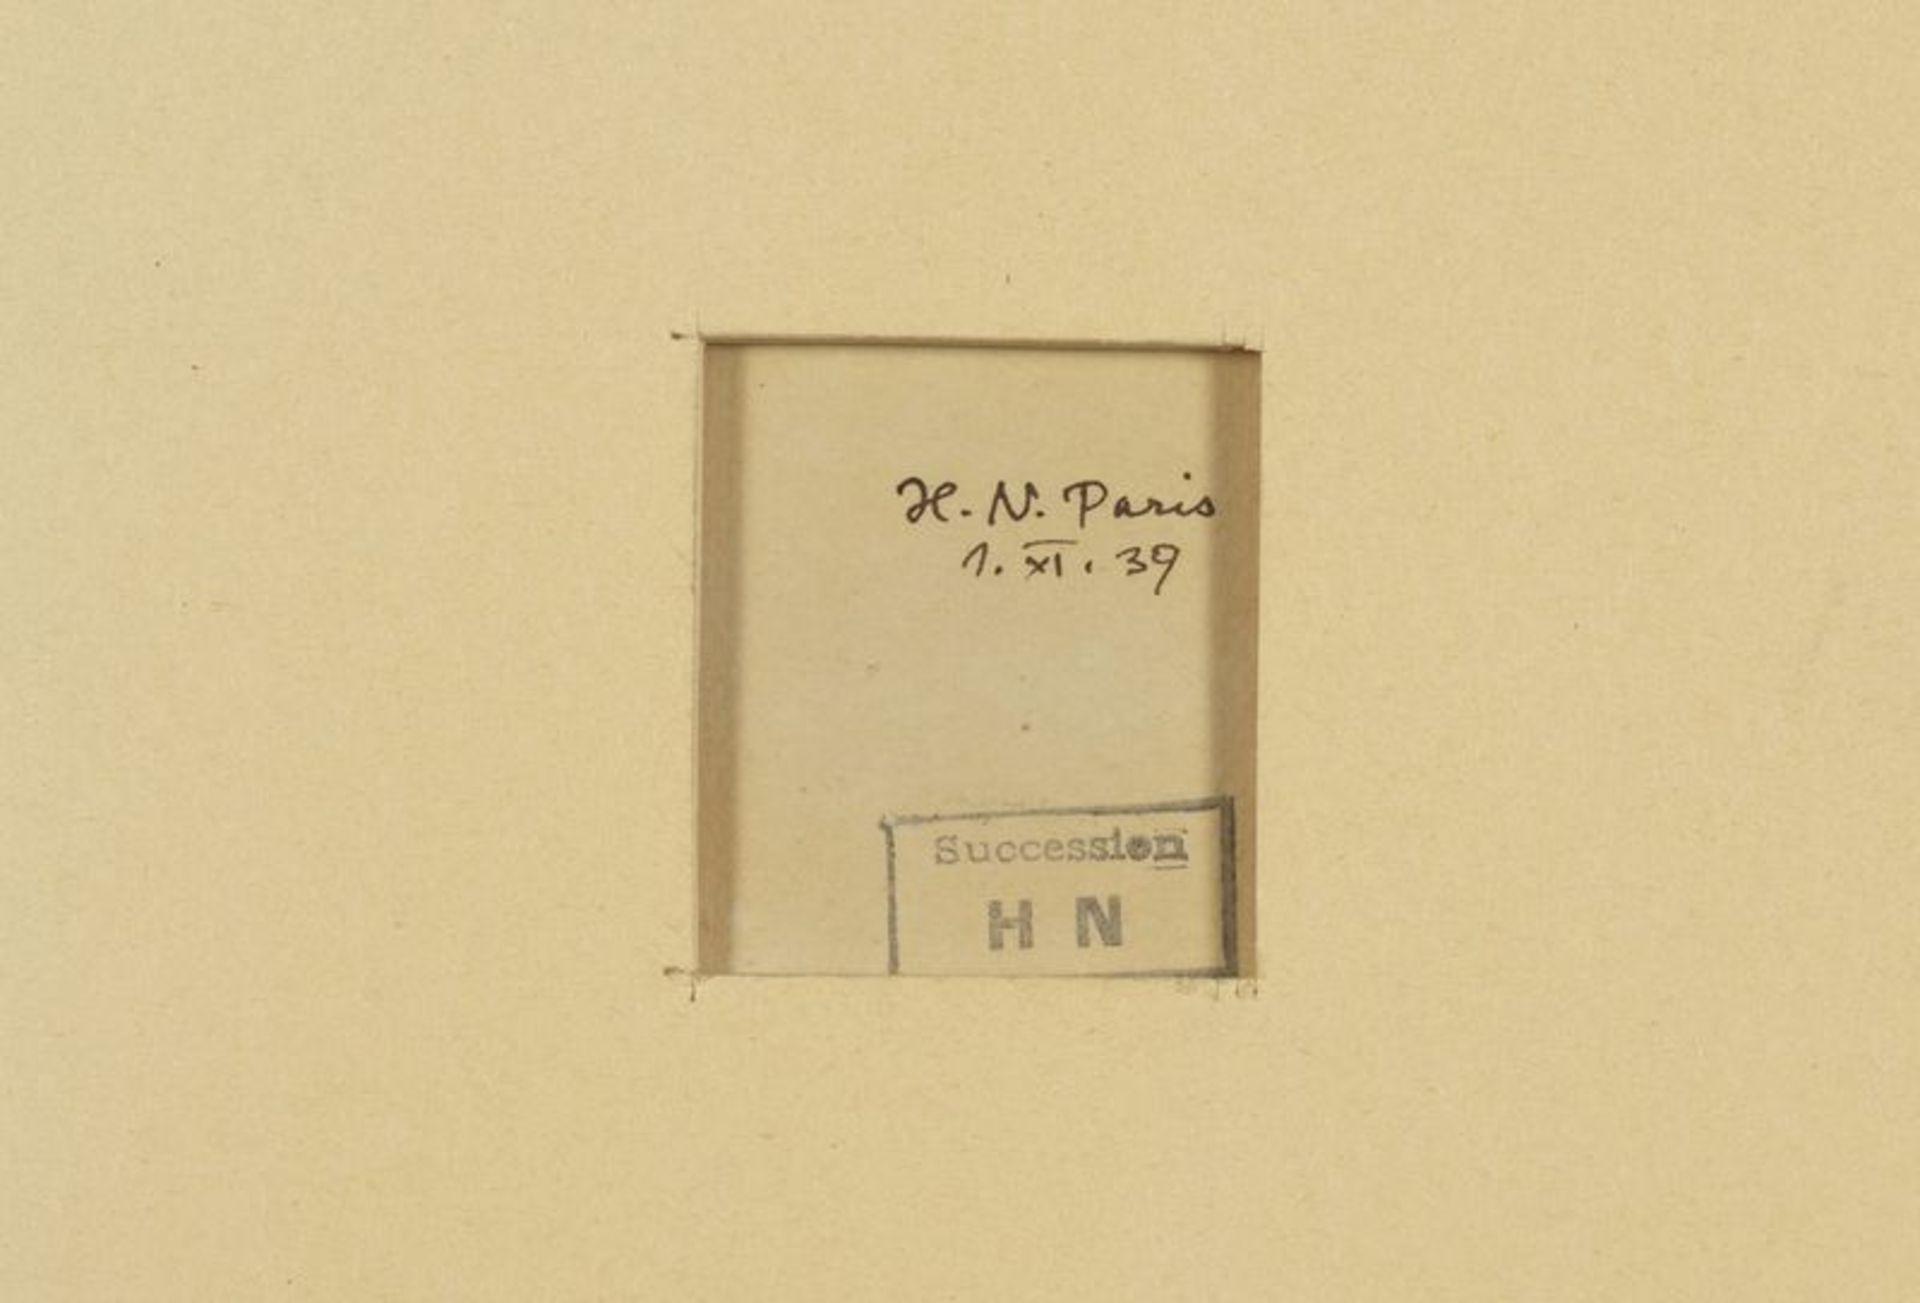 Los 45 - Henri NOUVEAU (1901-1959) - Jonques - Huile sur papier monogrammée et datée 1939 en [...]